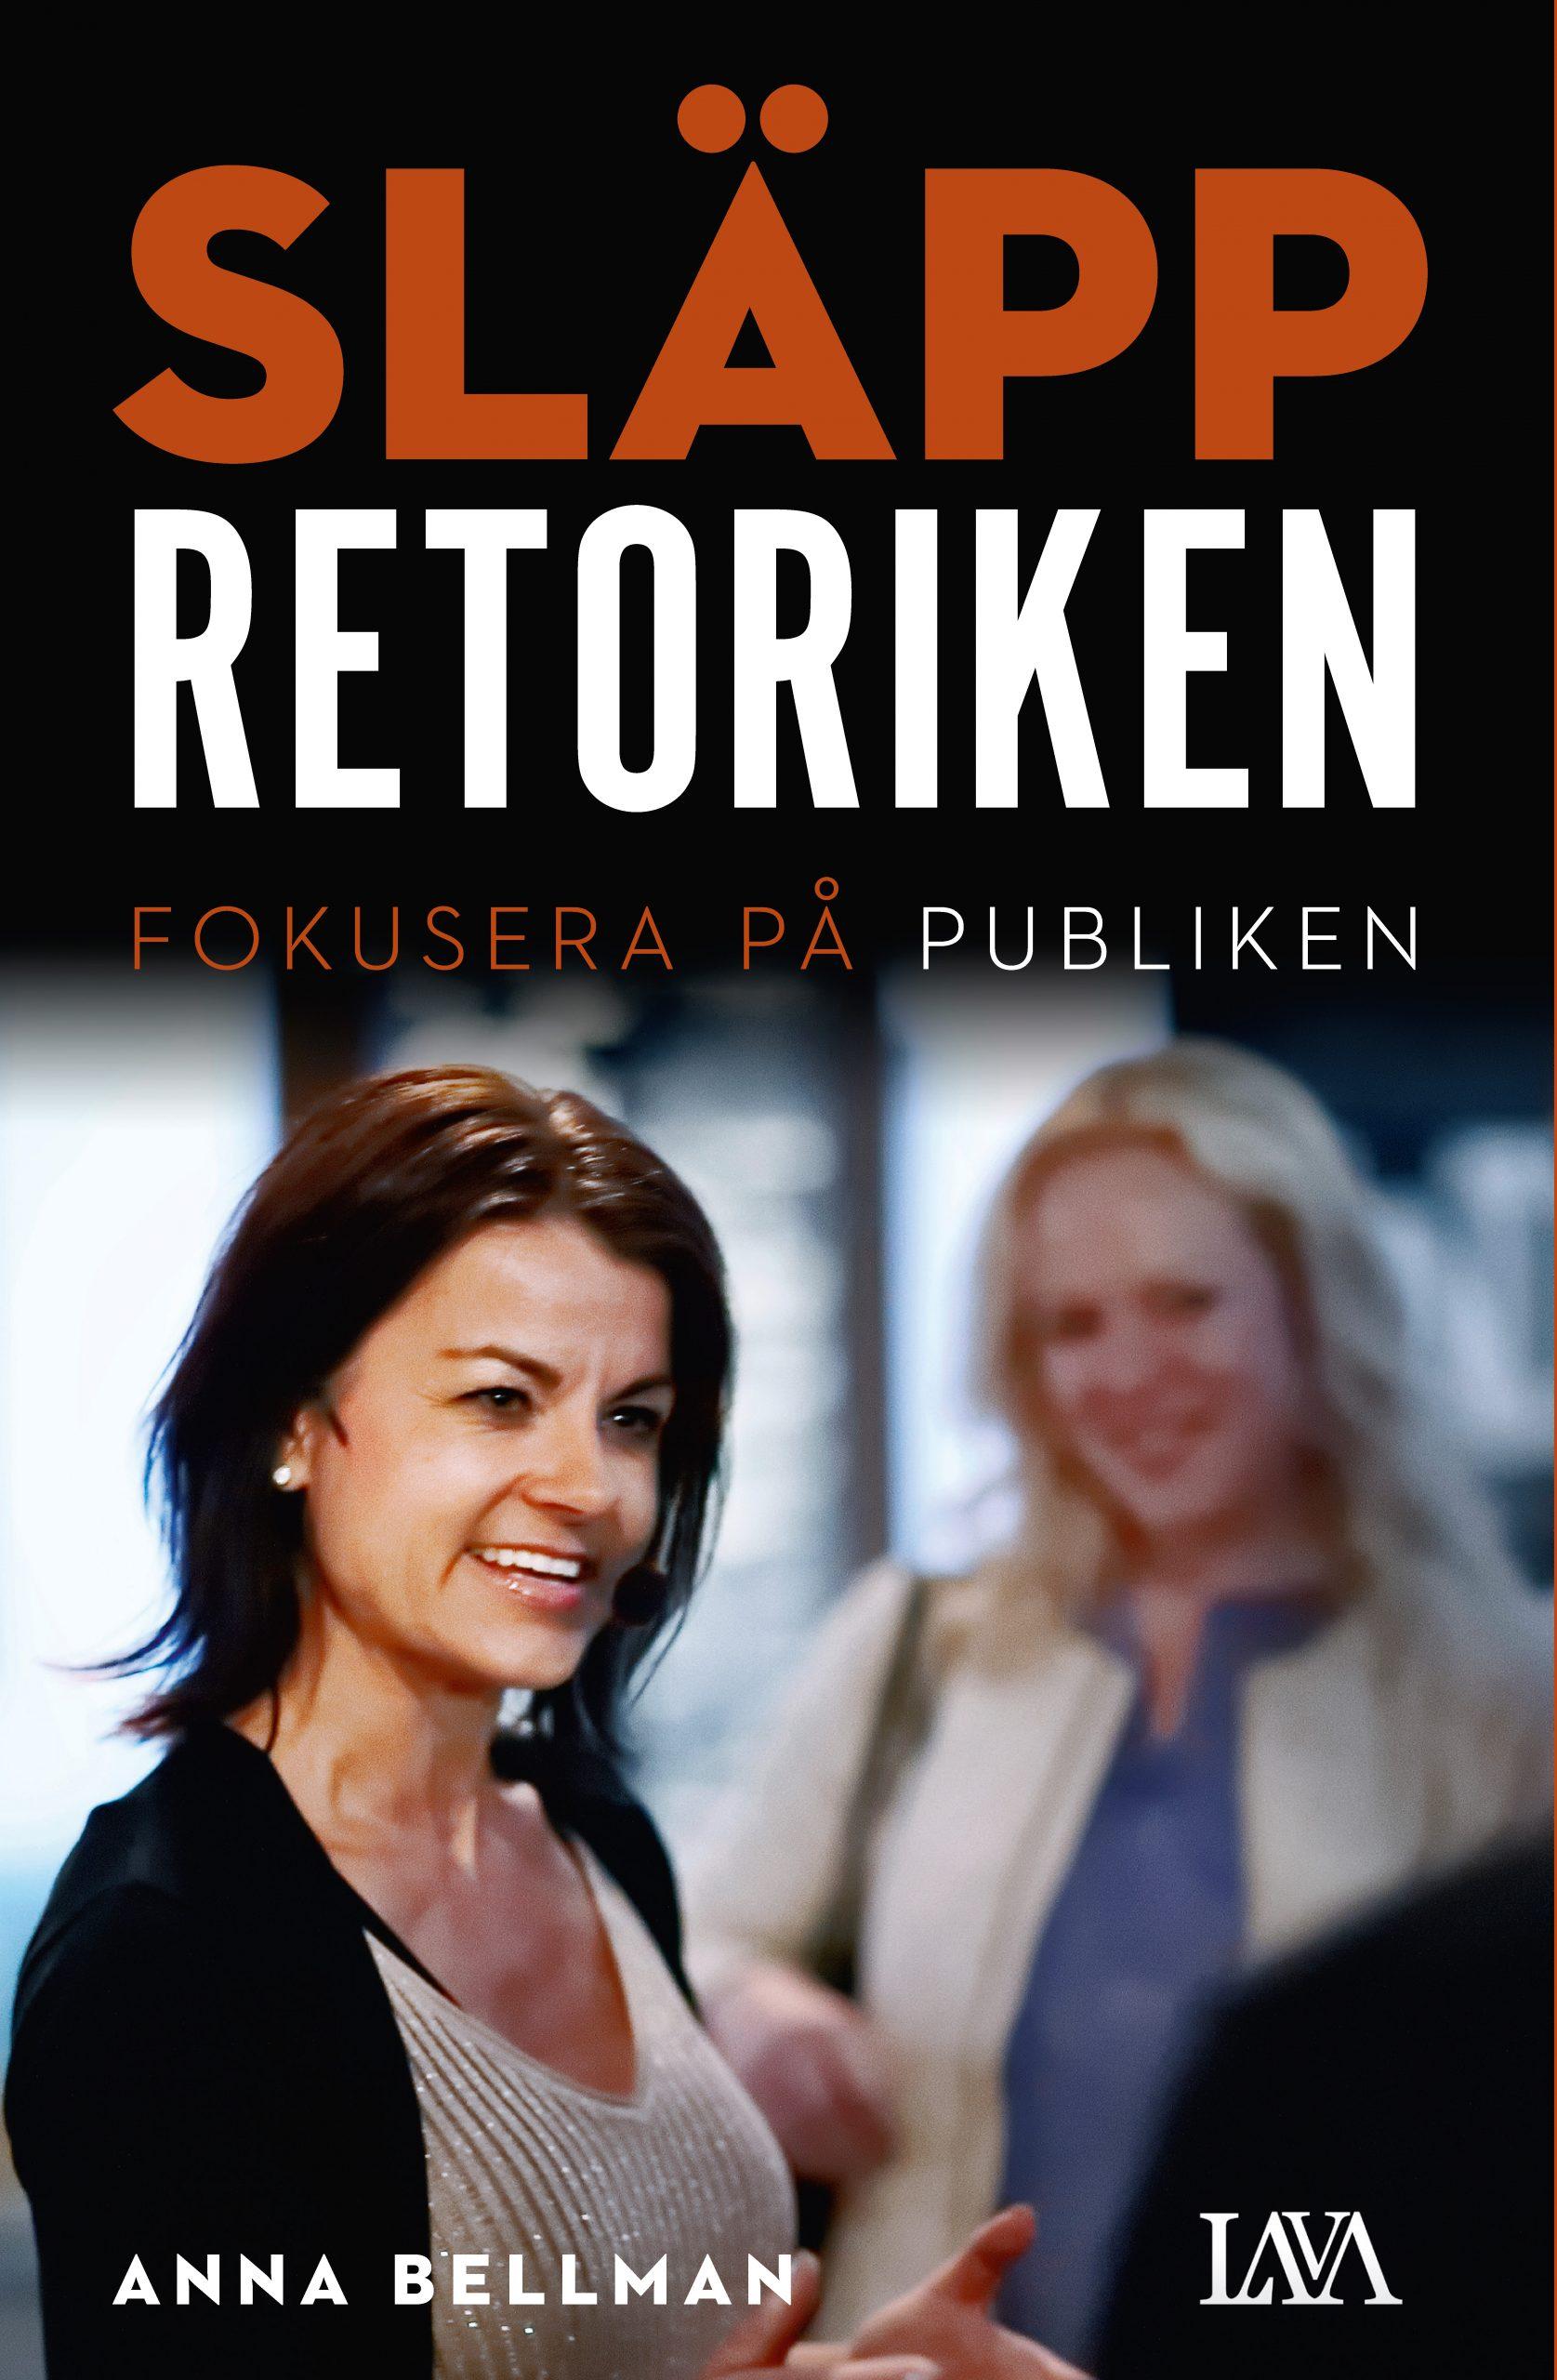 Släpp retoriken - fokusera på publiken-cover